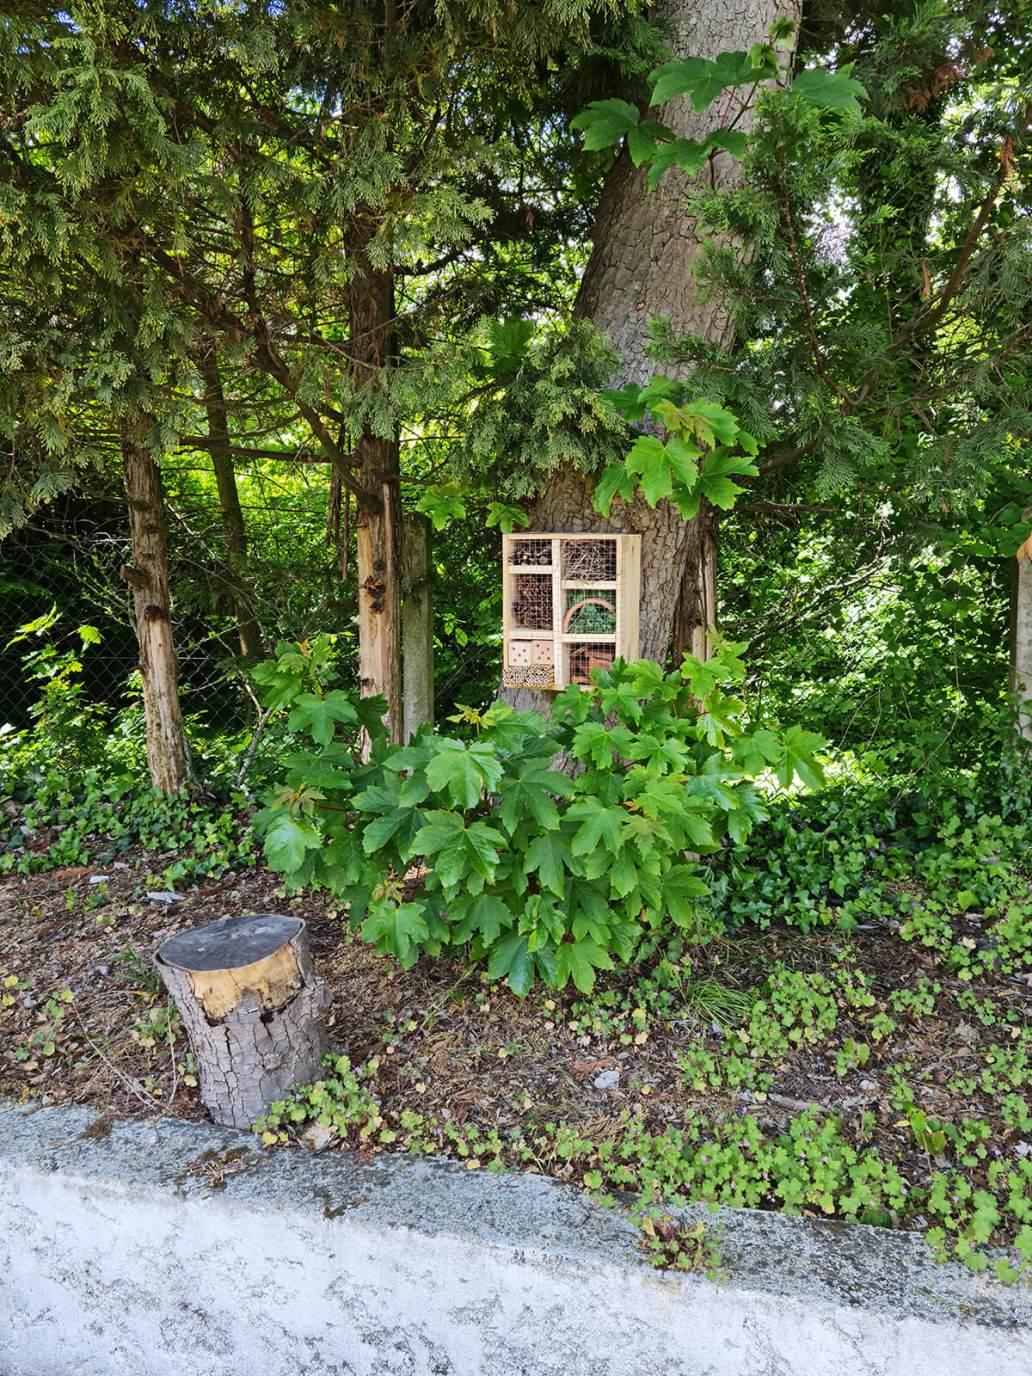 20210521 124909 - DIY jardin : construire un hôtel à insectes avec une caisse à vin